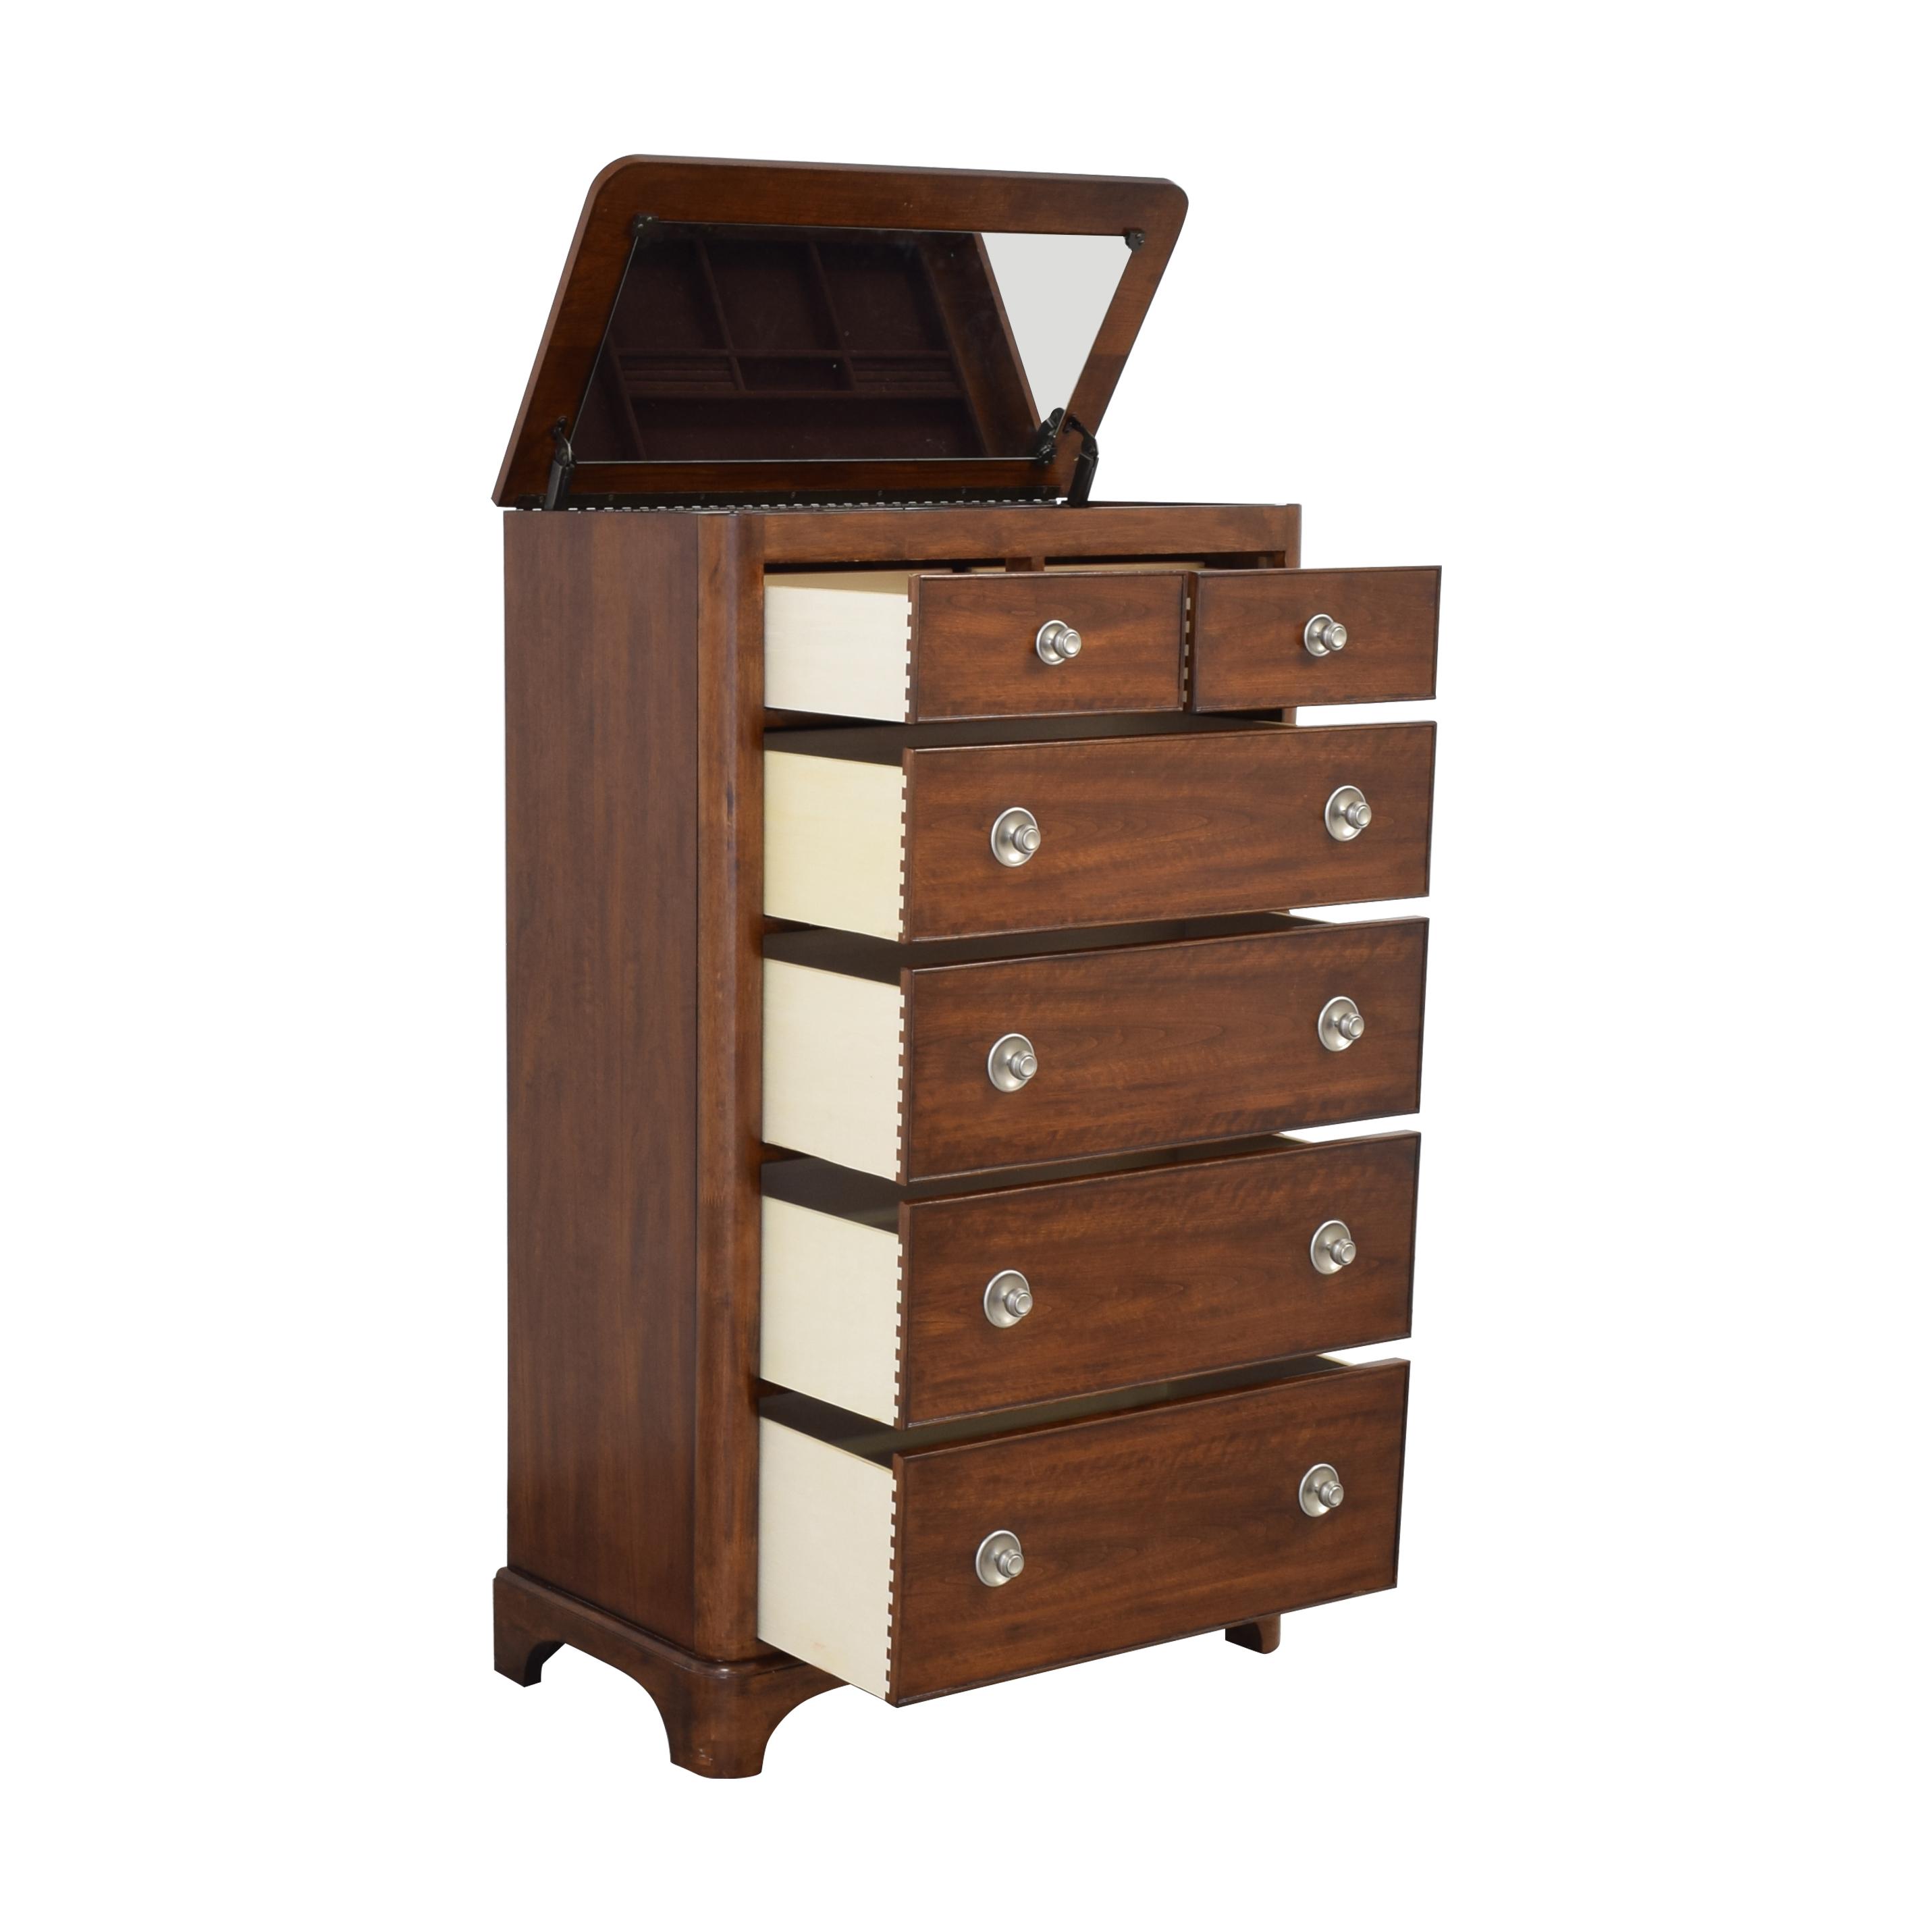 Bassett Furniture Bassett Six Drawer Chest with Hidden Vanity for sale